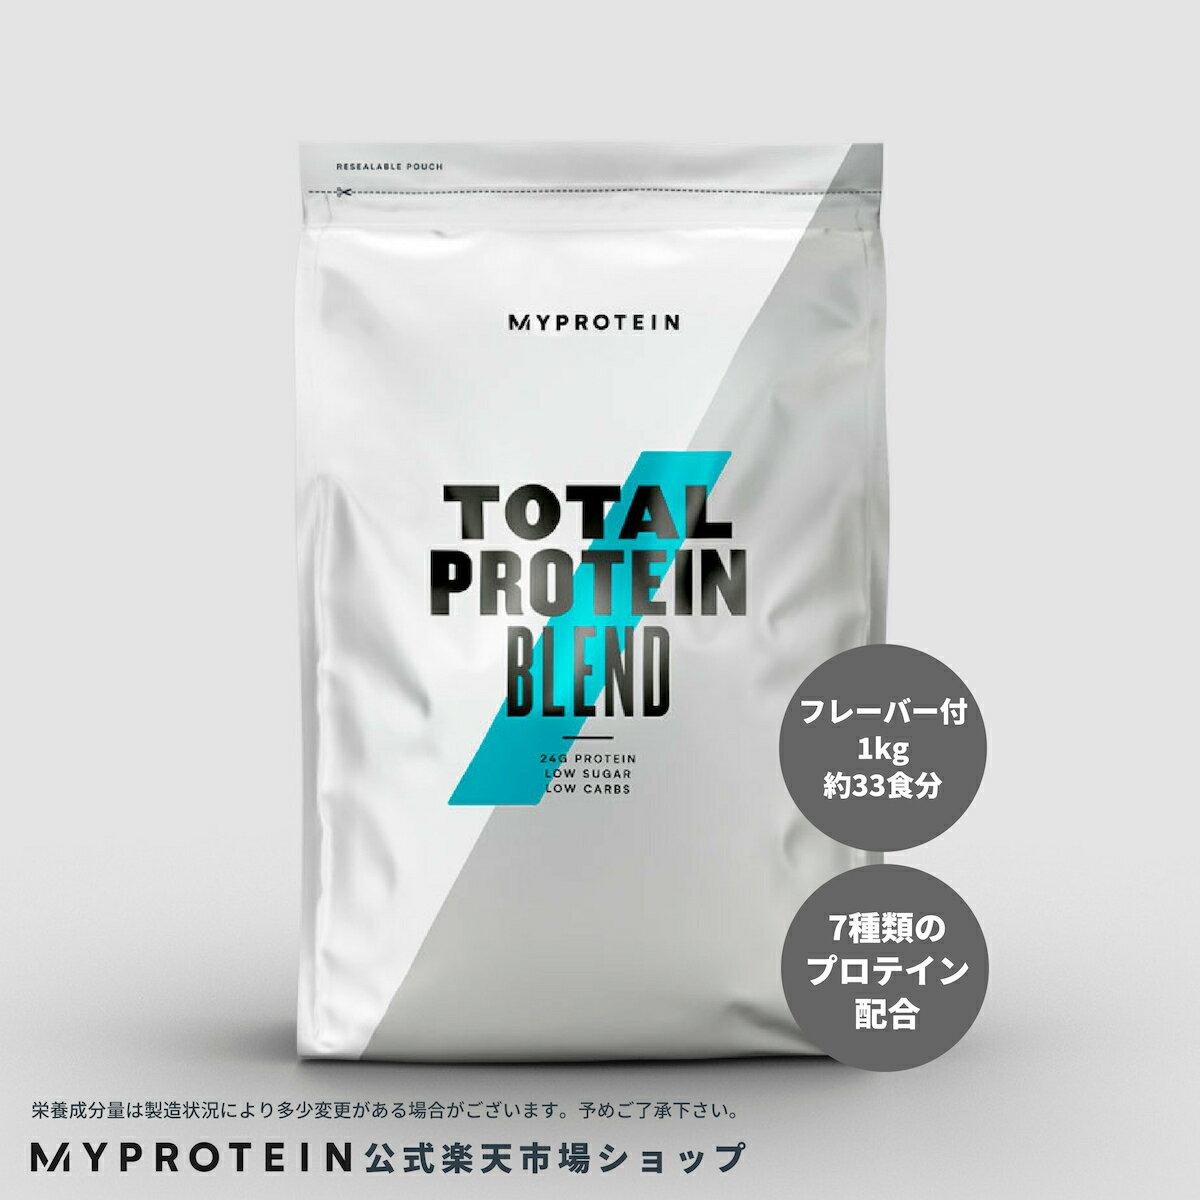 マイプロテイン 公式 【MyProtein】 トータルプロテイン(フレーバー)1kg 約33食分| プロテイン ホエイ ホエイプロテイン カゼインプロテイン カゼイン カルシウム ダイエット バルクアップ ボディーメイク 低糖 糖質制限【楽天海外直送】